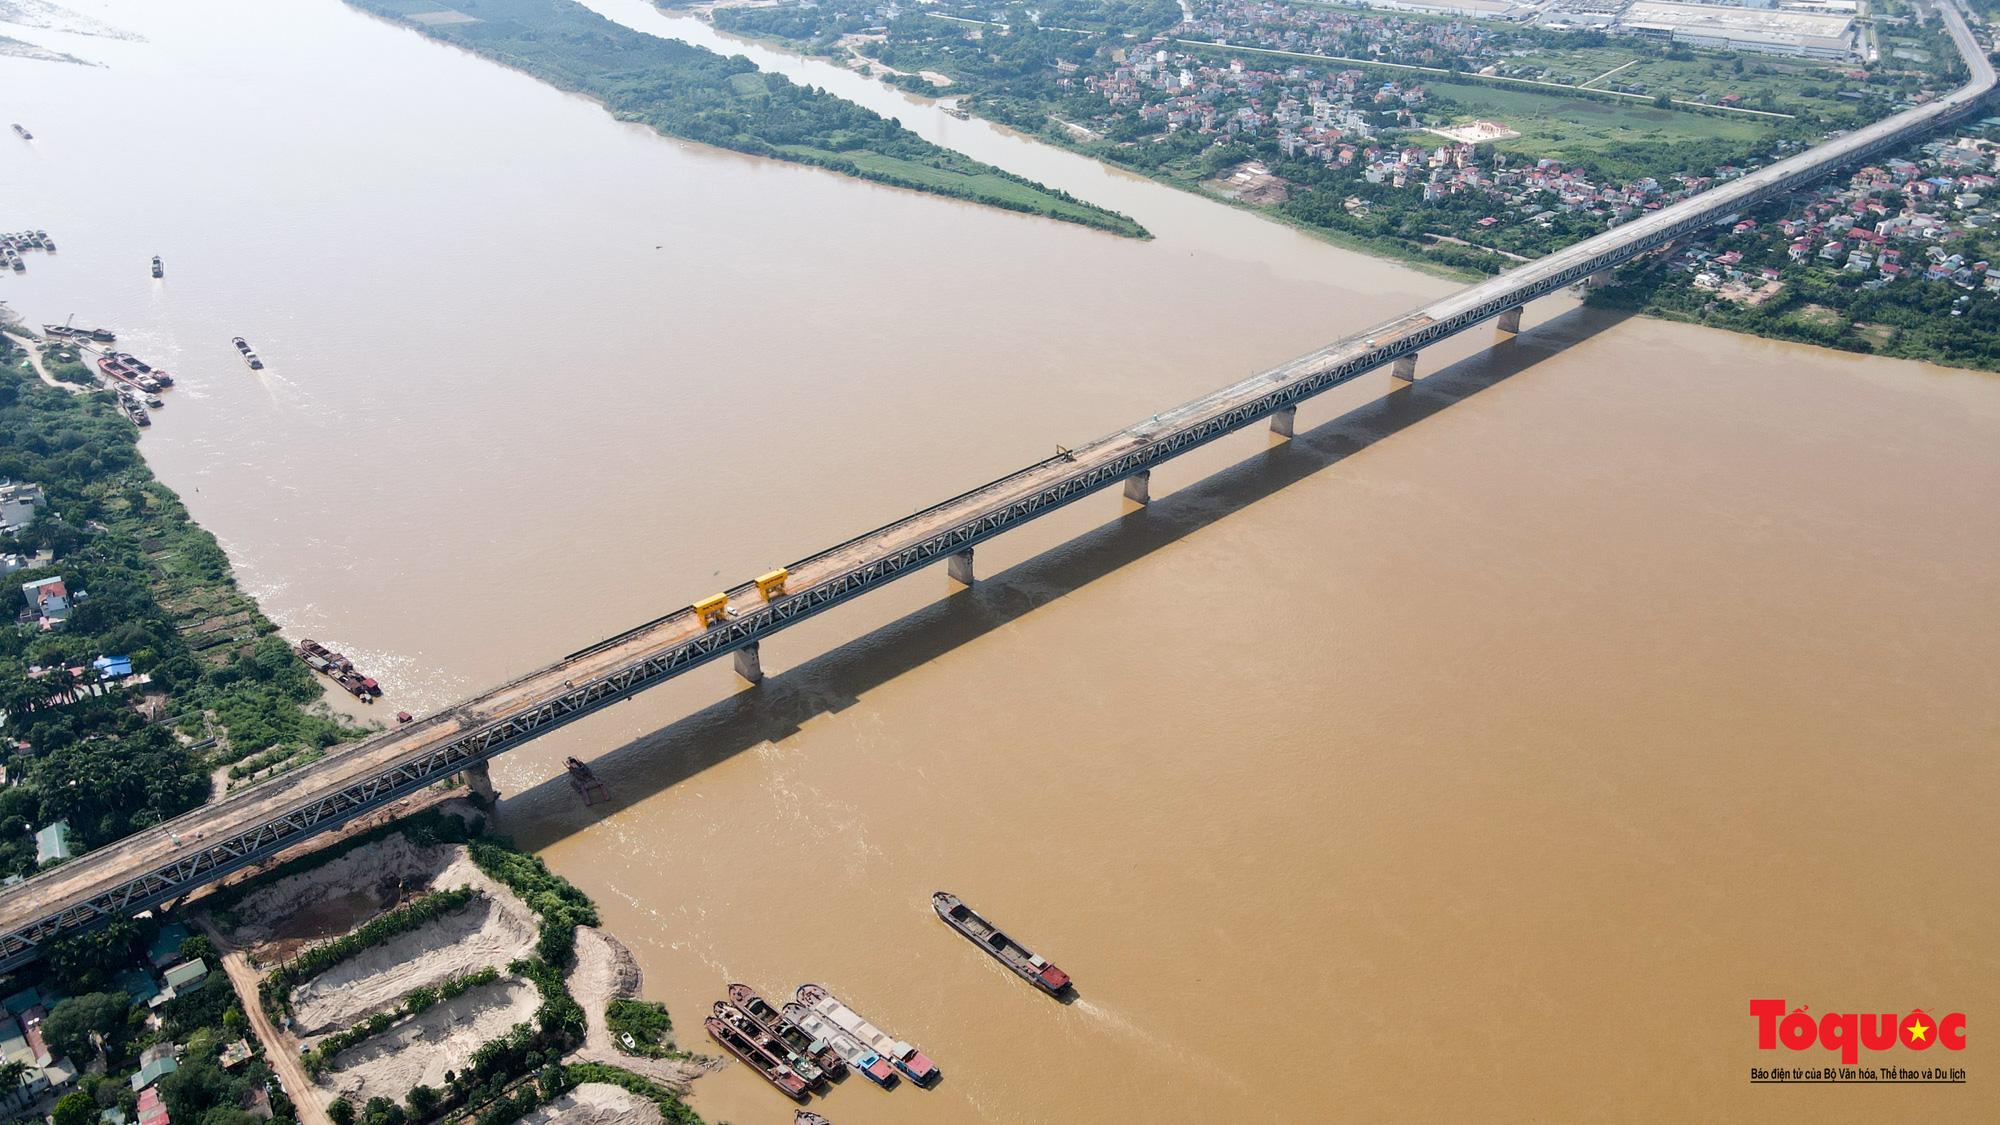 Dấu ấn những công trình giao thông tạo nên diện mạo mới cho Thủ đô Hà Nội năm 2020 - Ảnh 17.